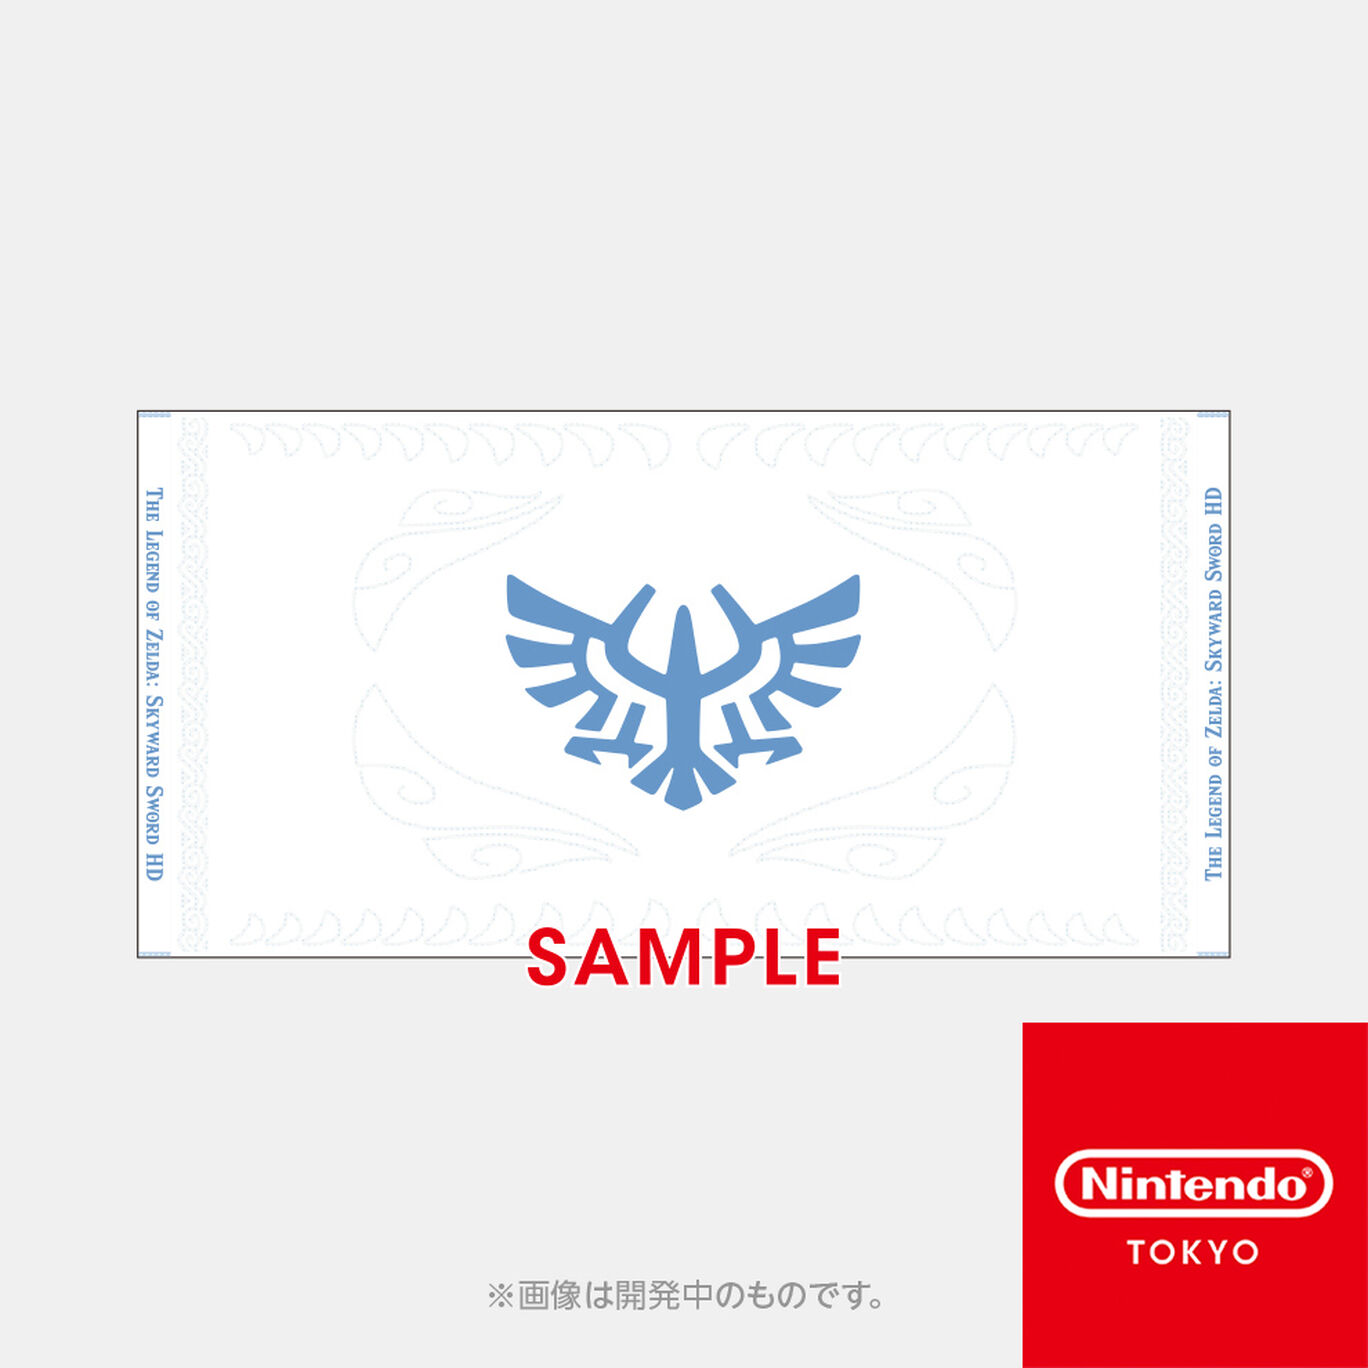 【新商品】ミニバスタオル パラショール ゼルダの伝説 スカイウォードソード HD【Nintendo TOKYO取り扱い商品】